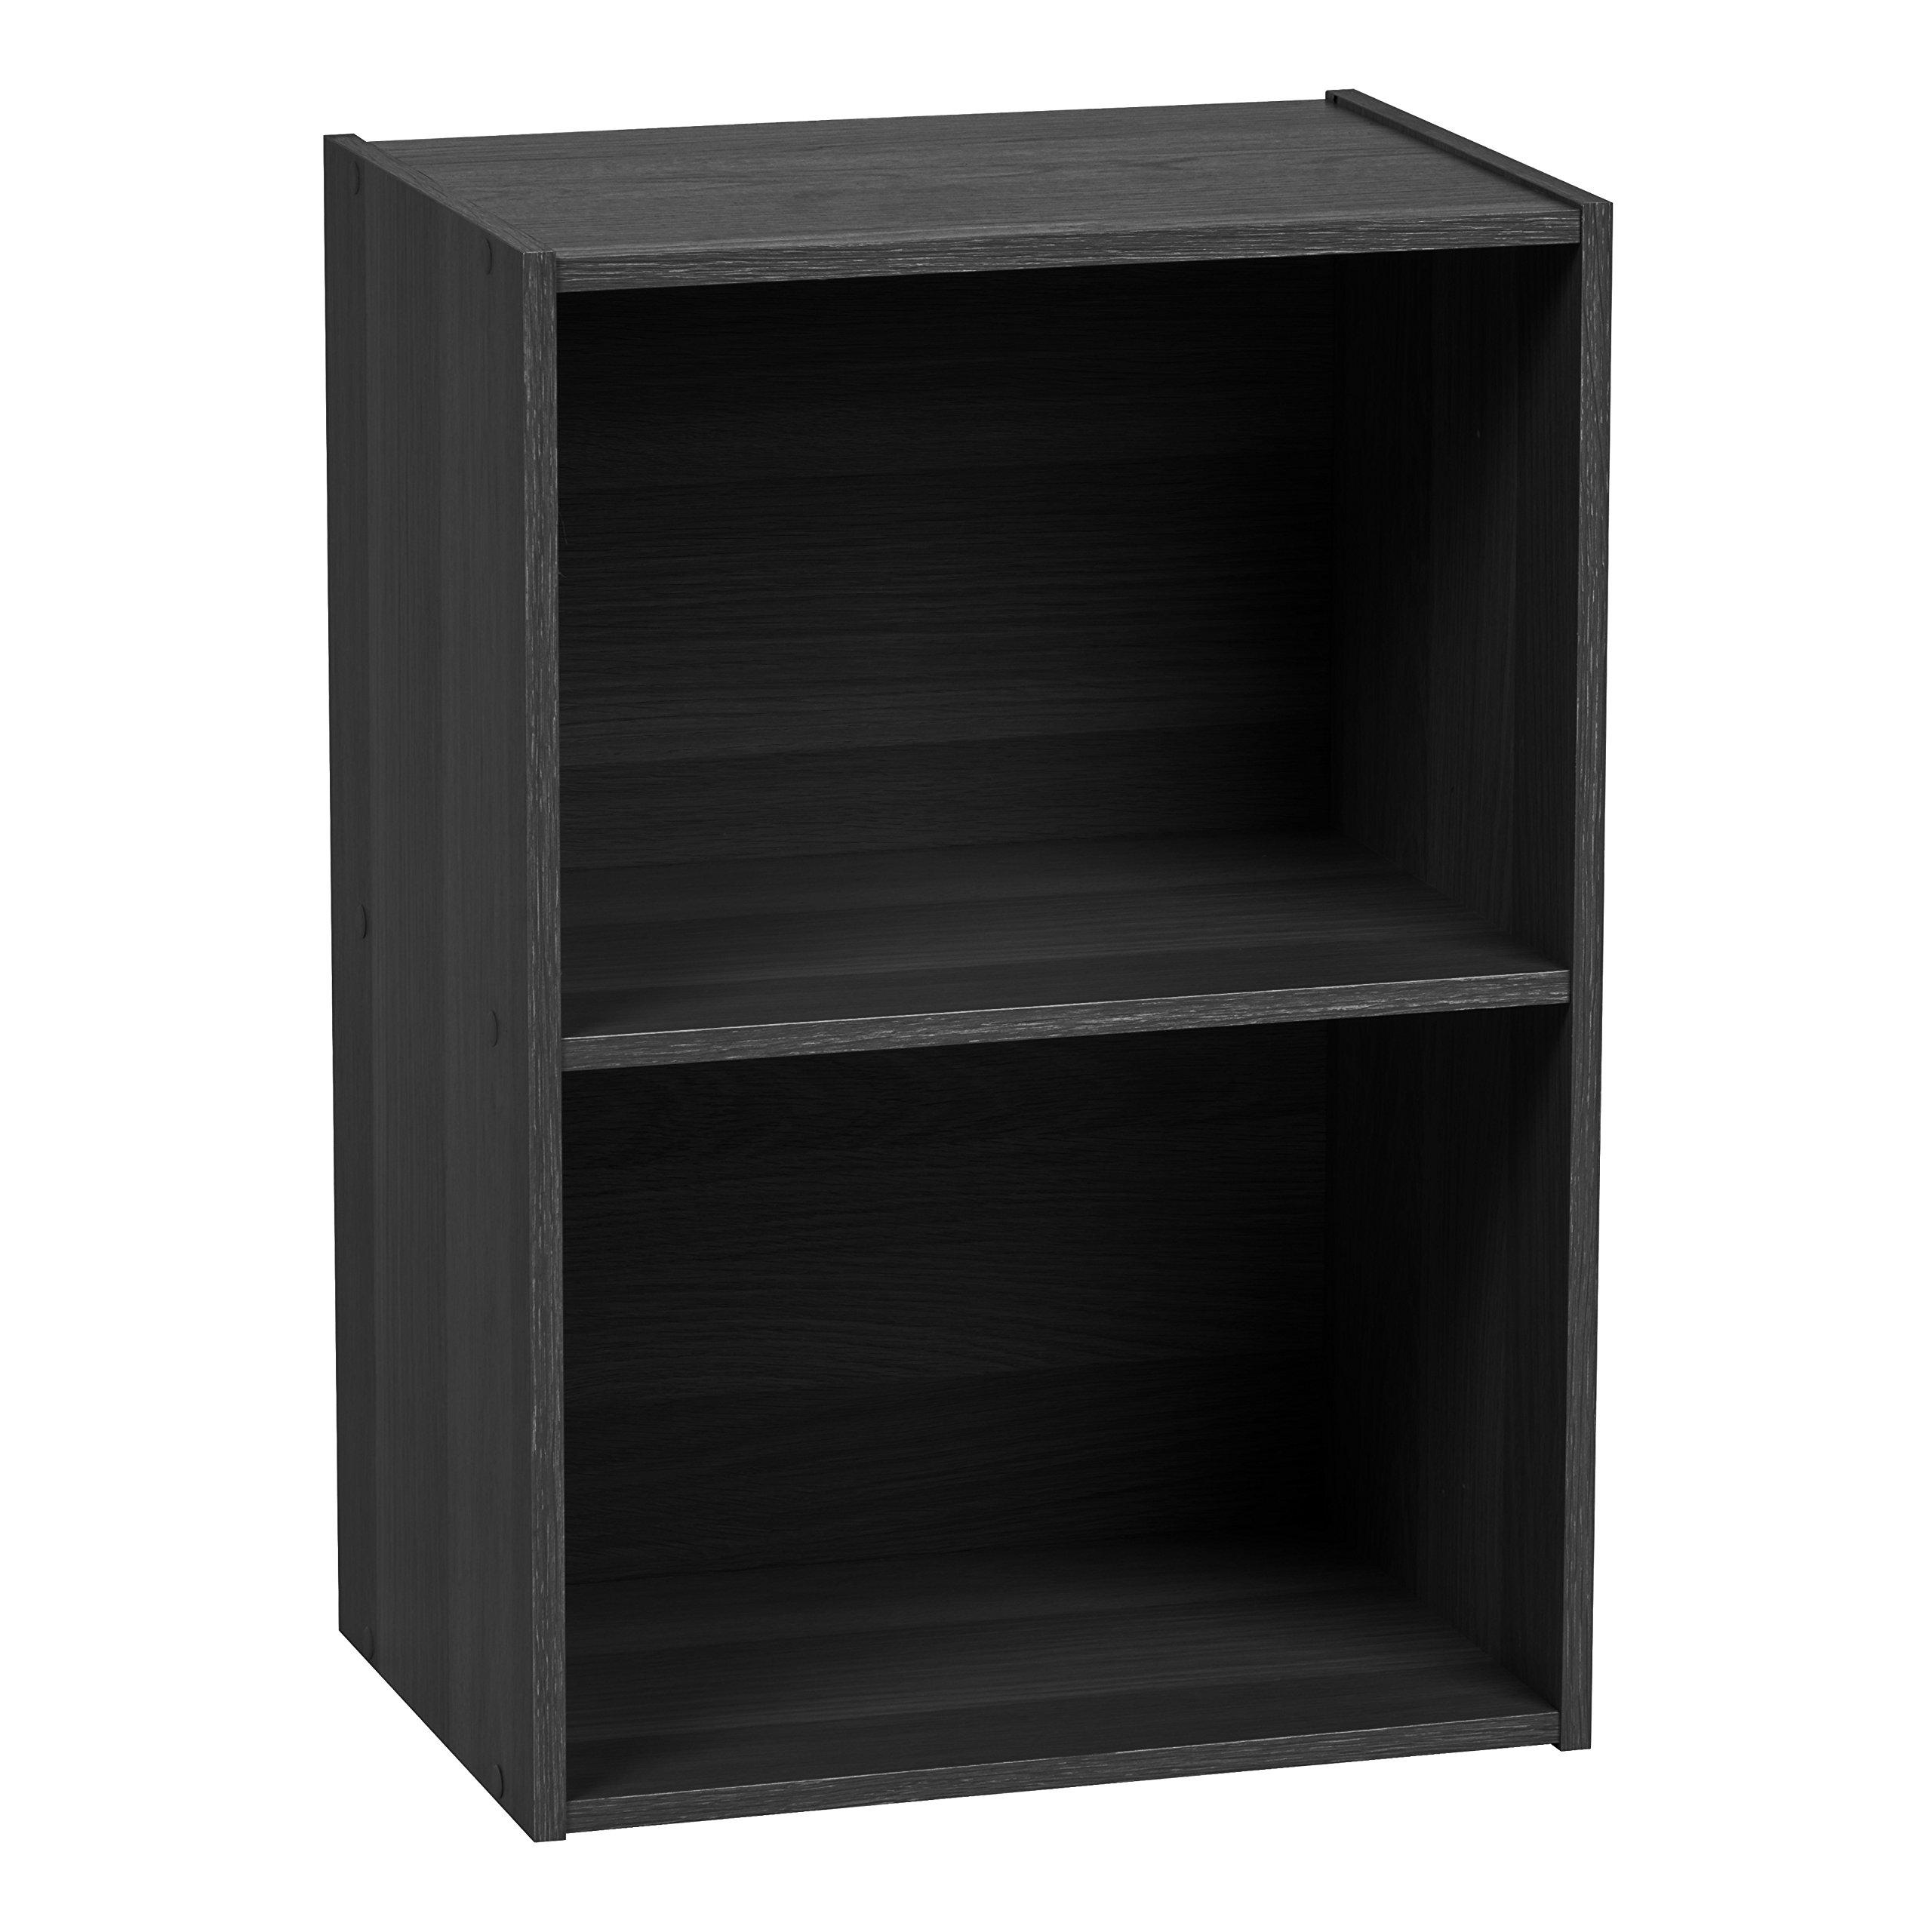 IRIS 2-Tier Wood Storage Shelf, Black